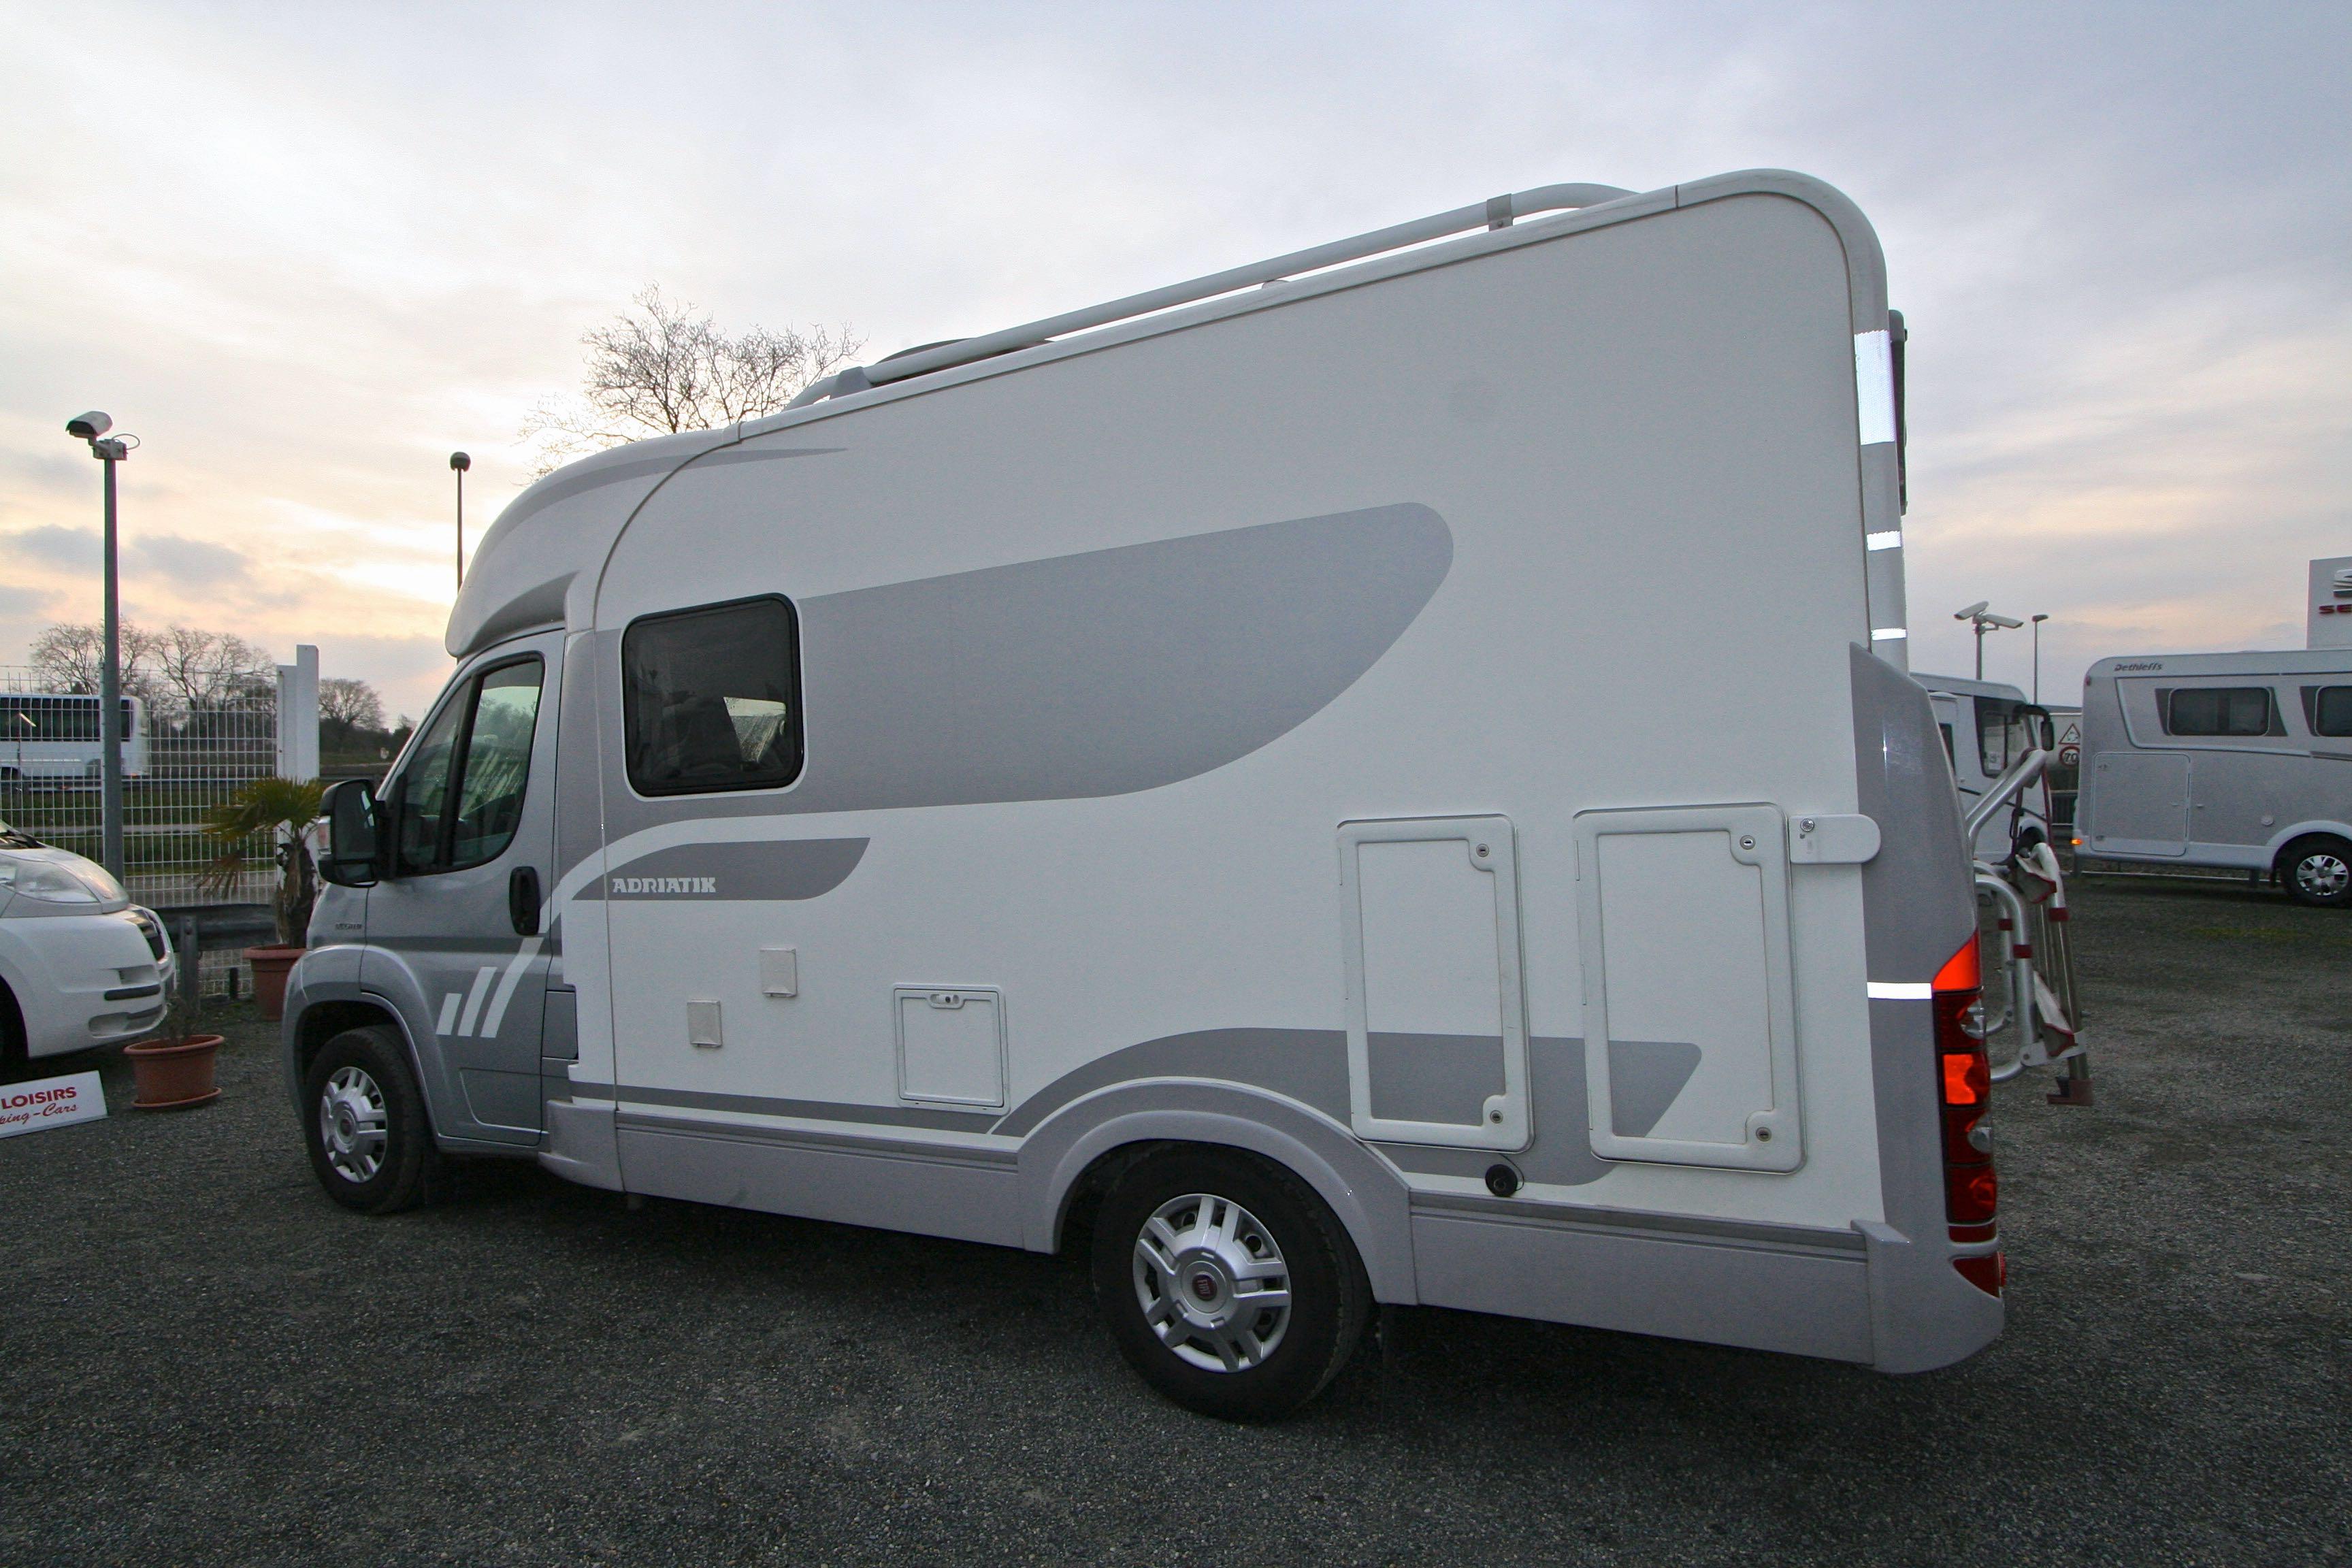 adria compact sp occasion fiat camping car en vente roques sur garonne haute garonne 31. Black Bedroom Furniture Sets. Home Design Ideas